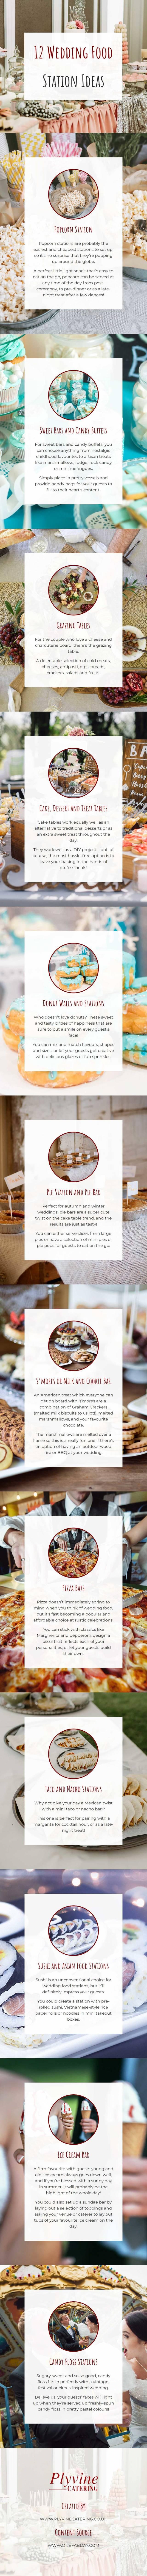 12 wedding food station ideas